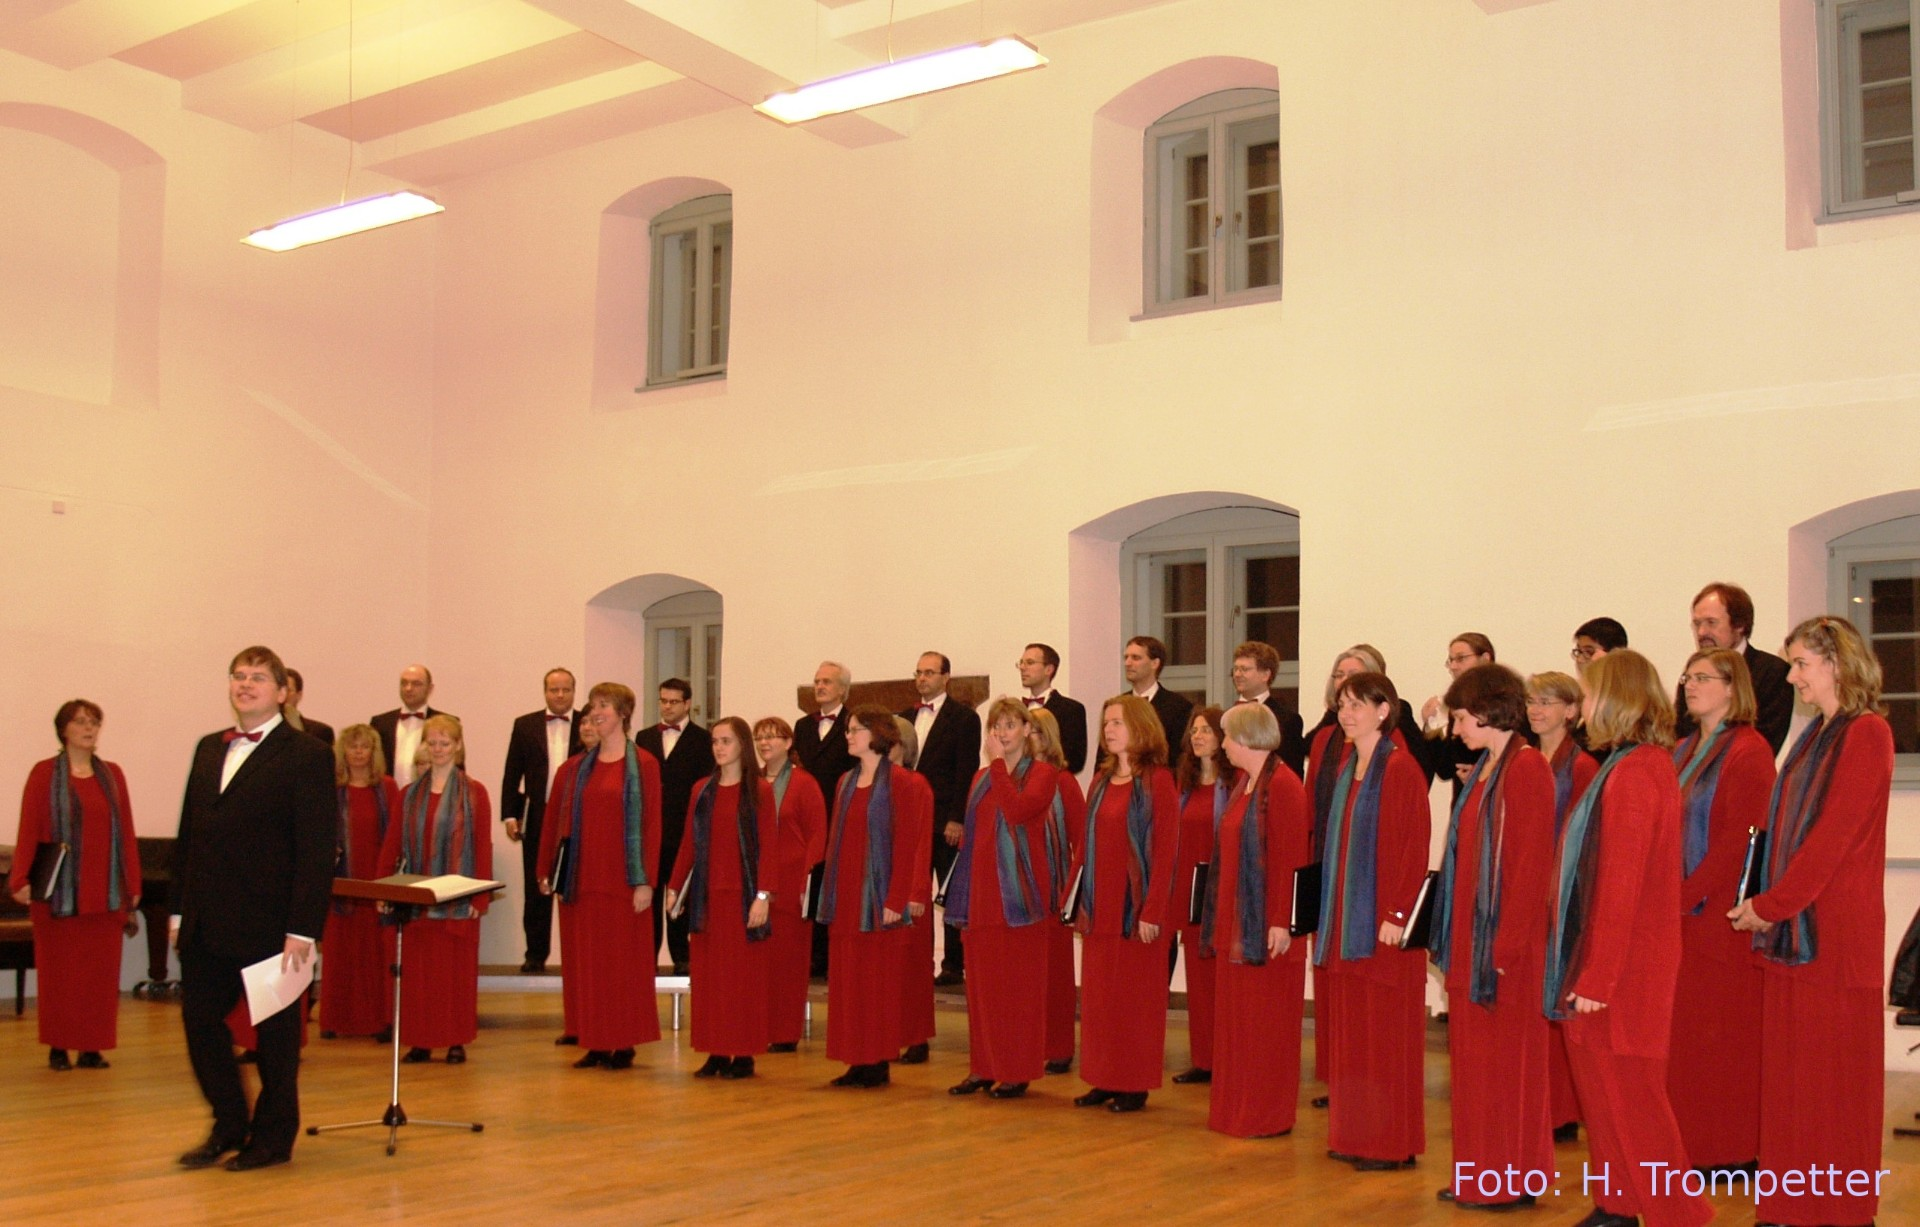 10-11-13-Bergedorfer-Kammerchor-MM-01